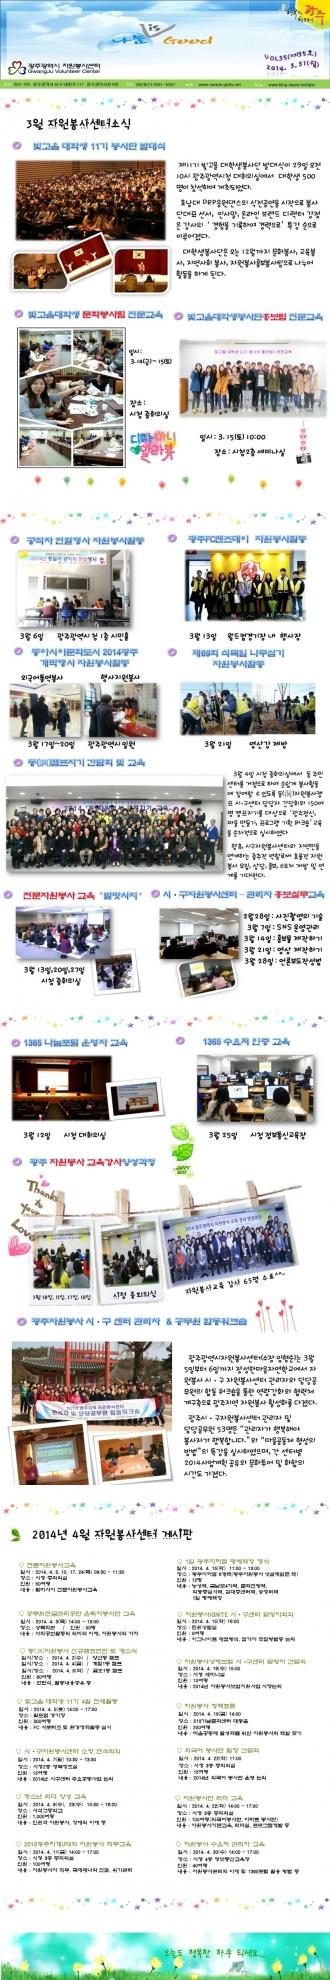 2014년 3월 뉴스레터